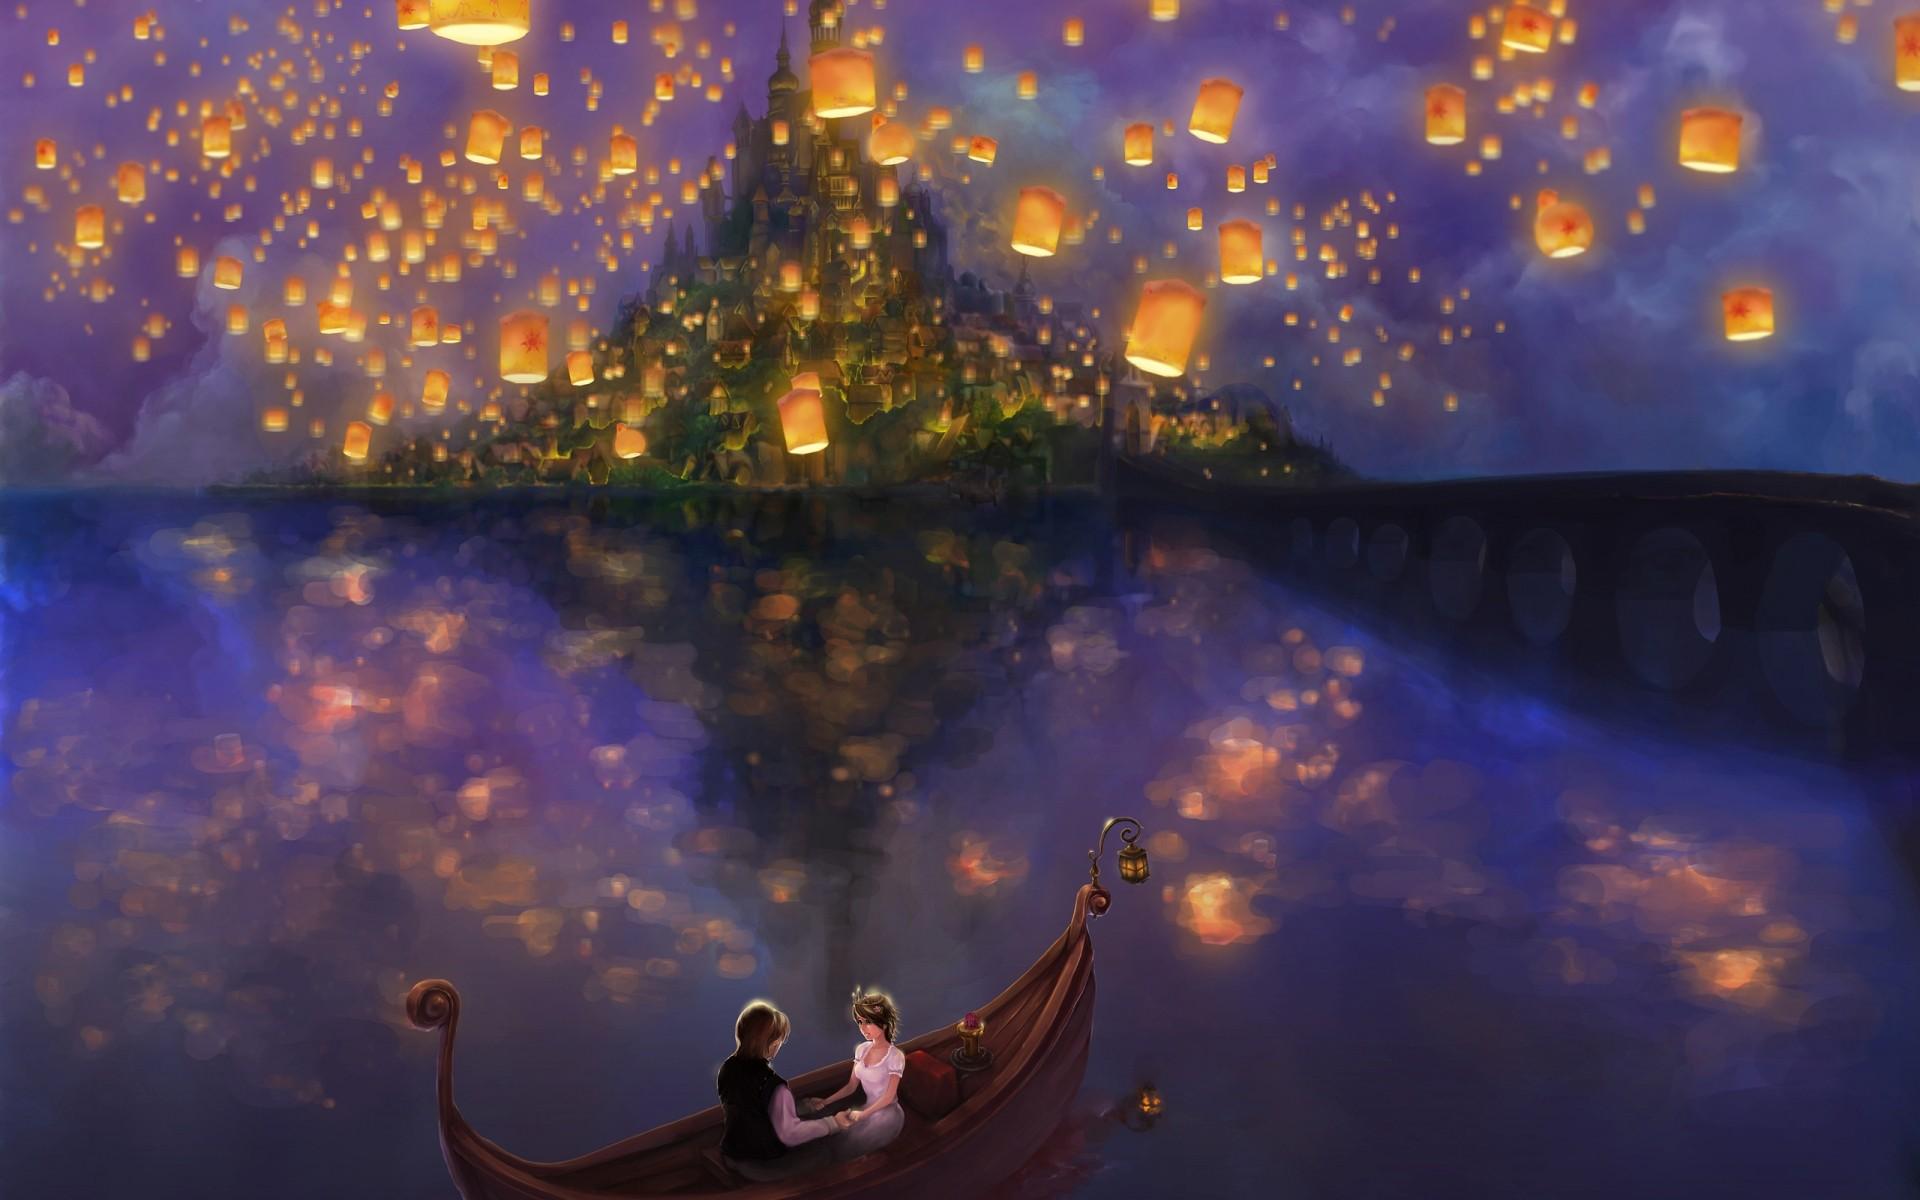 Романтичные картинки на ночь, картинки